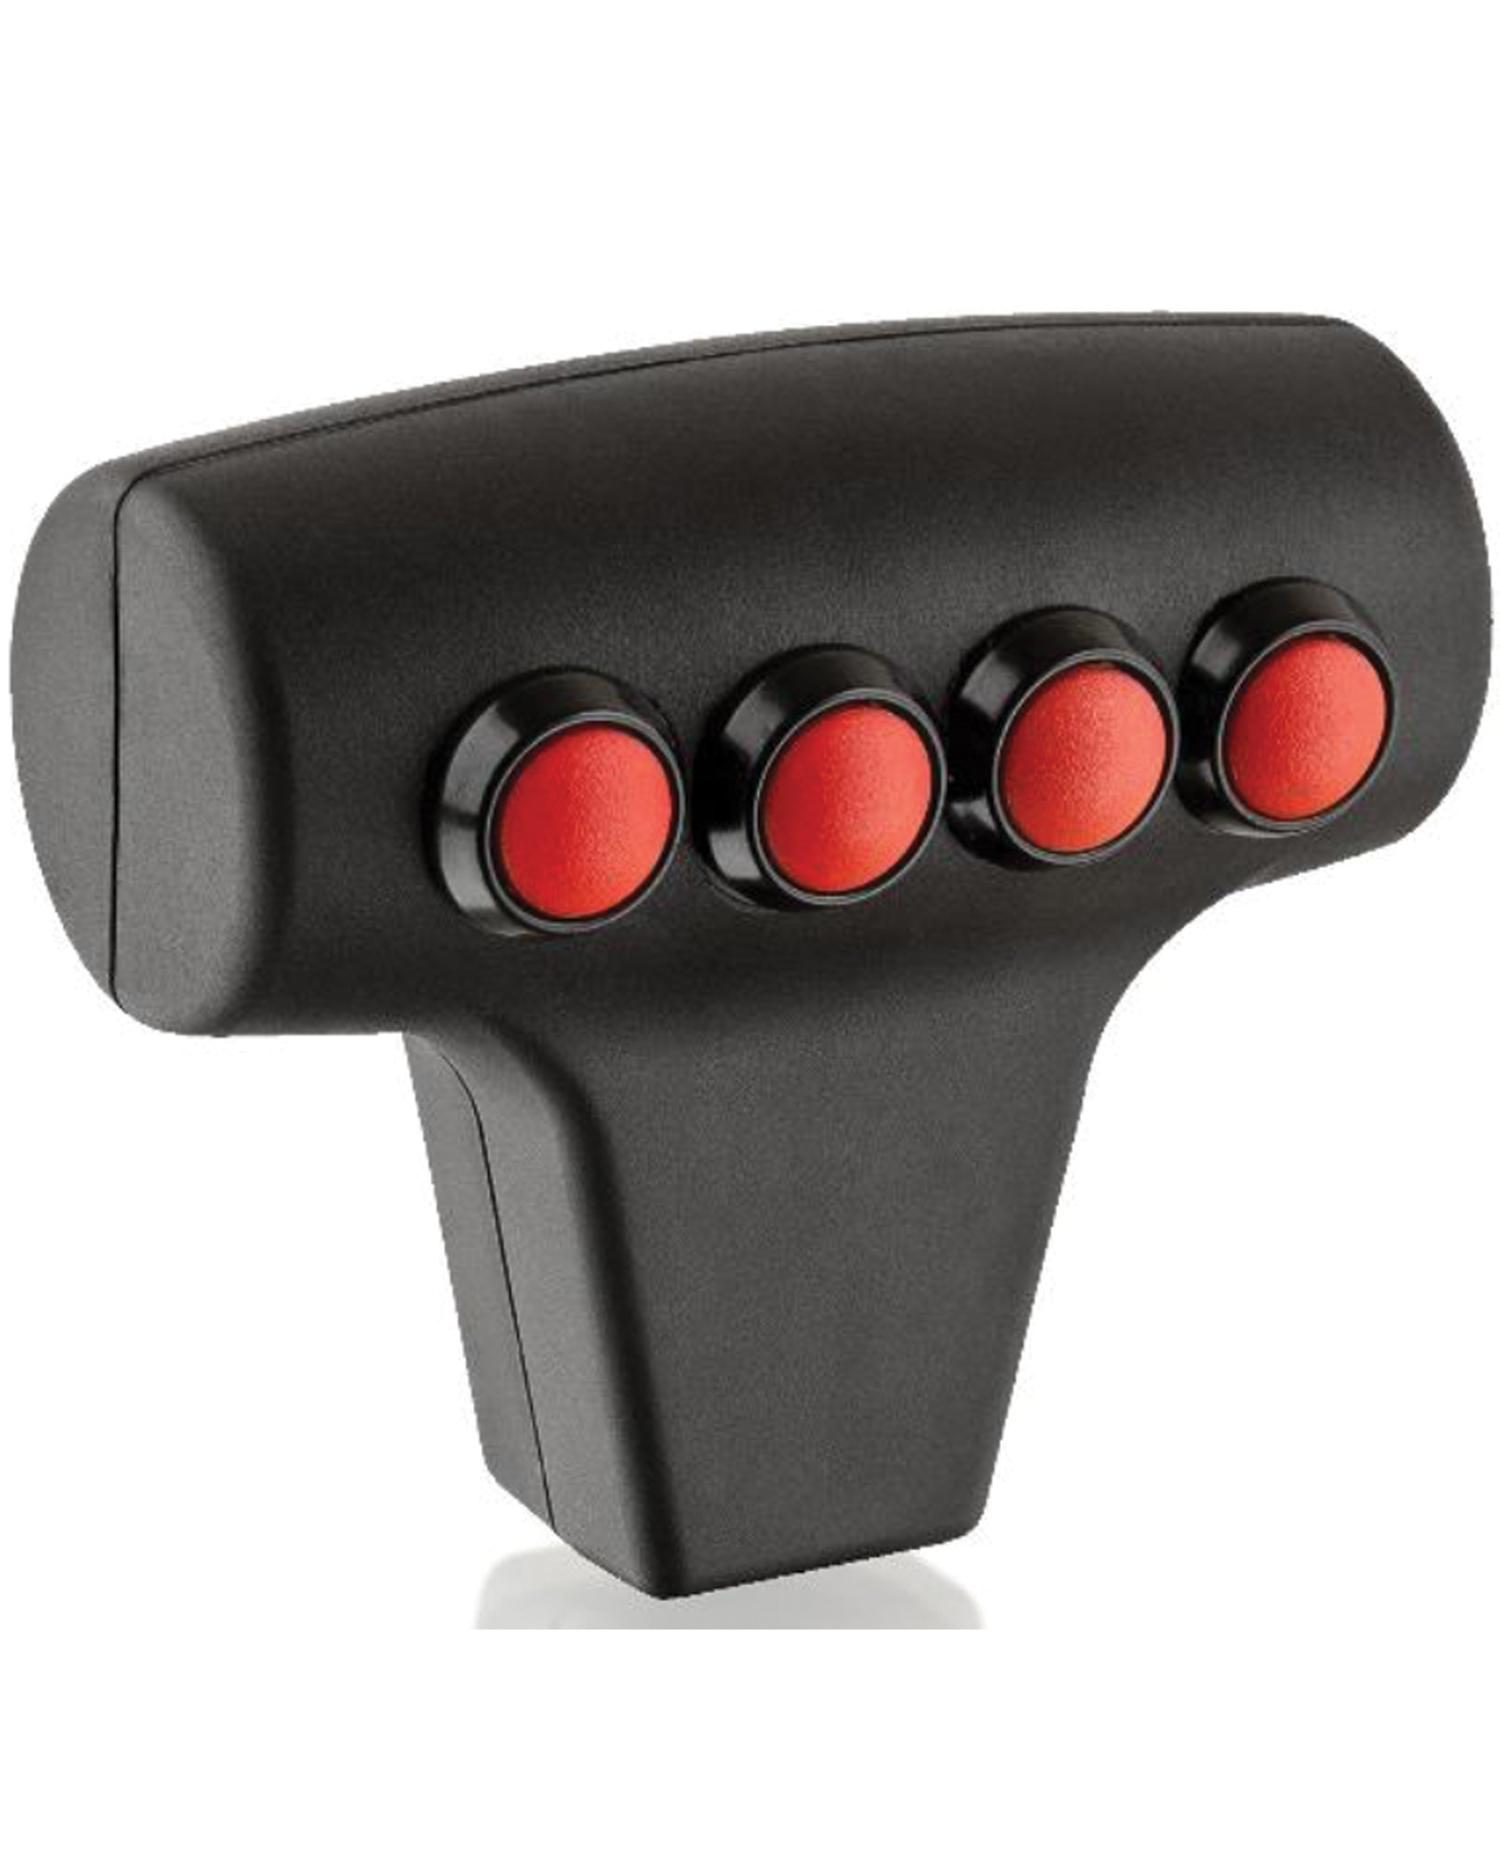 MG29 Joystick Controller